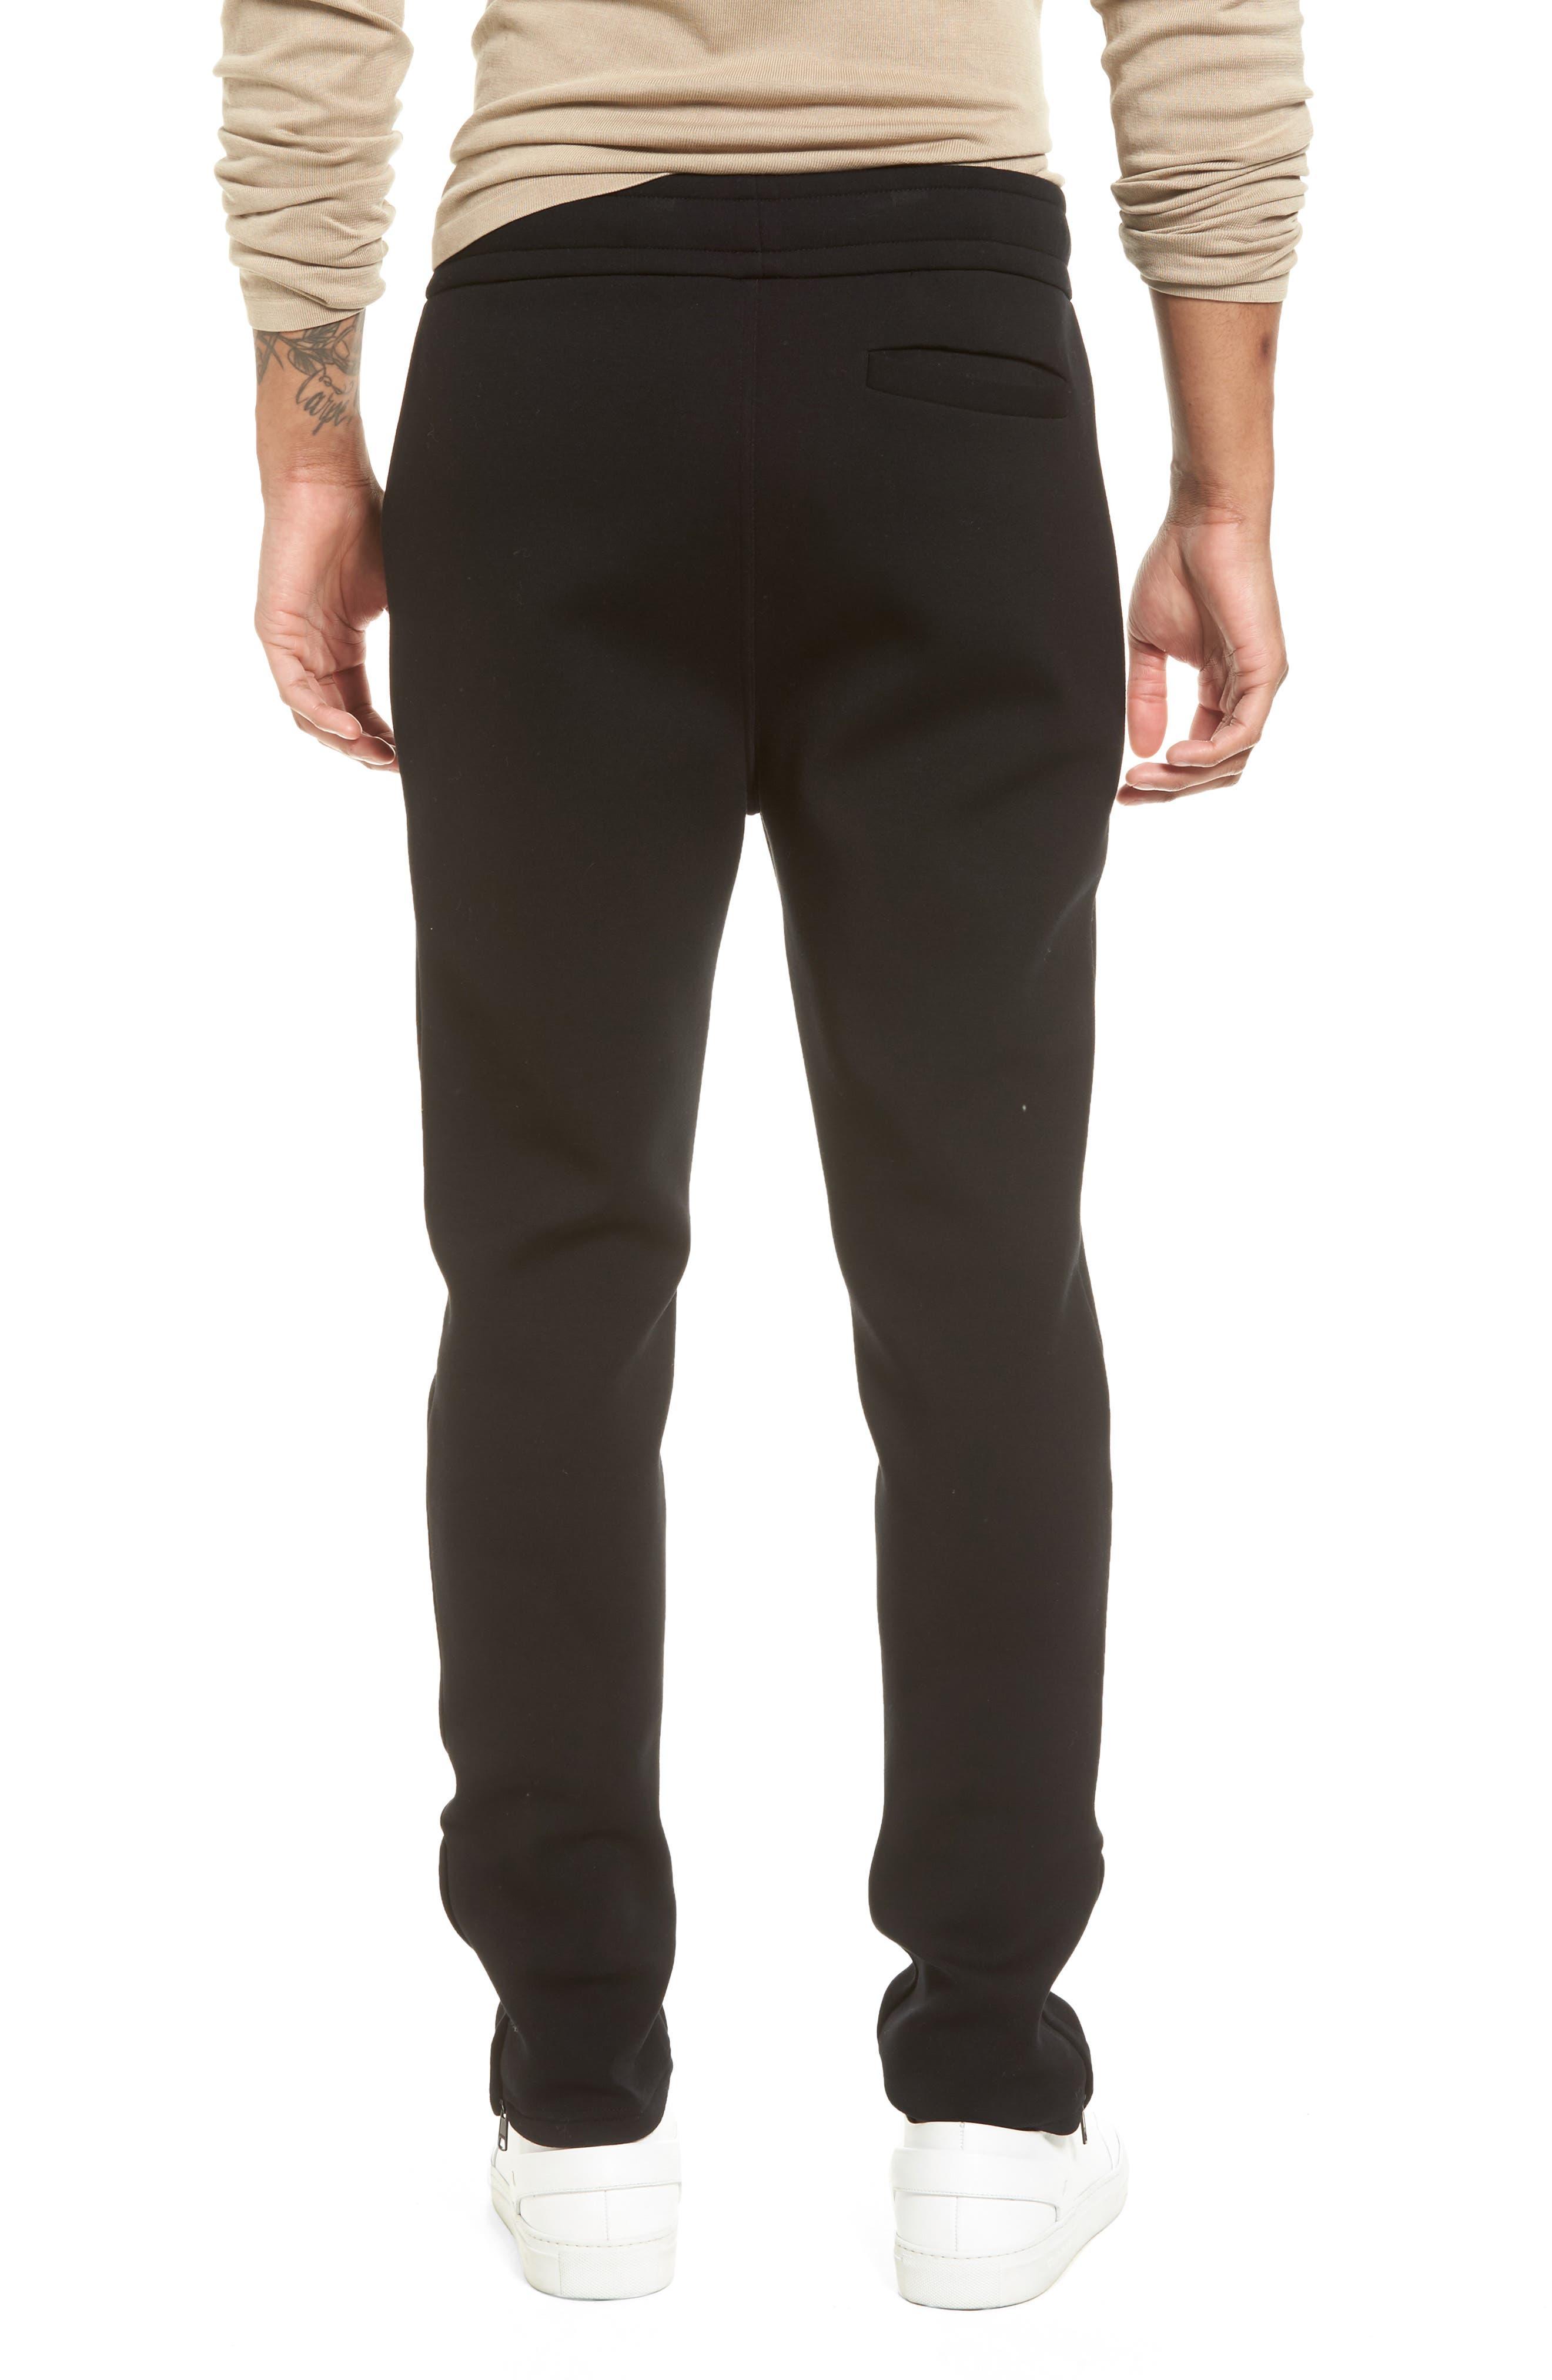 VINCE,                             Tech Slim Fit Track Pants,                             Alternate thumbnail 2, color,                             001